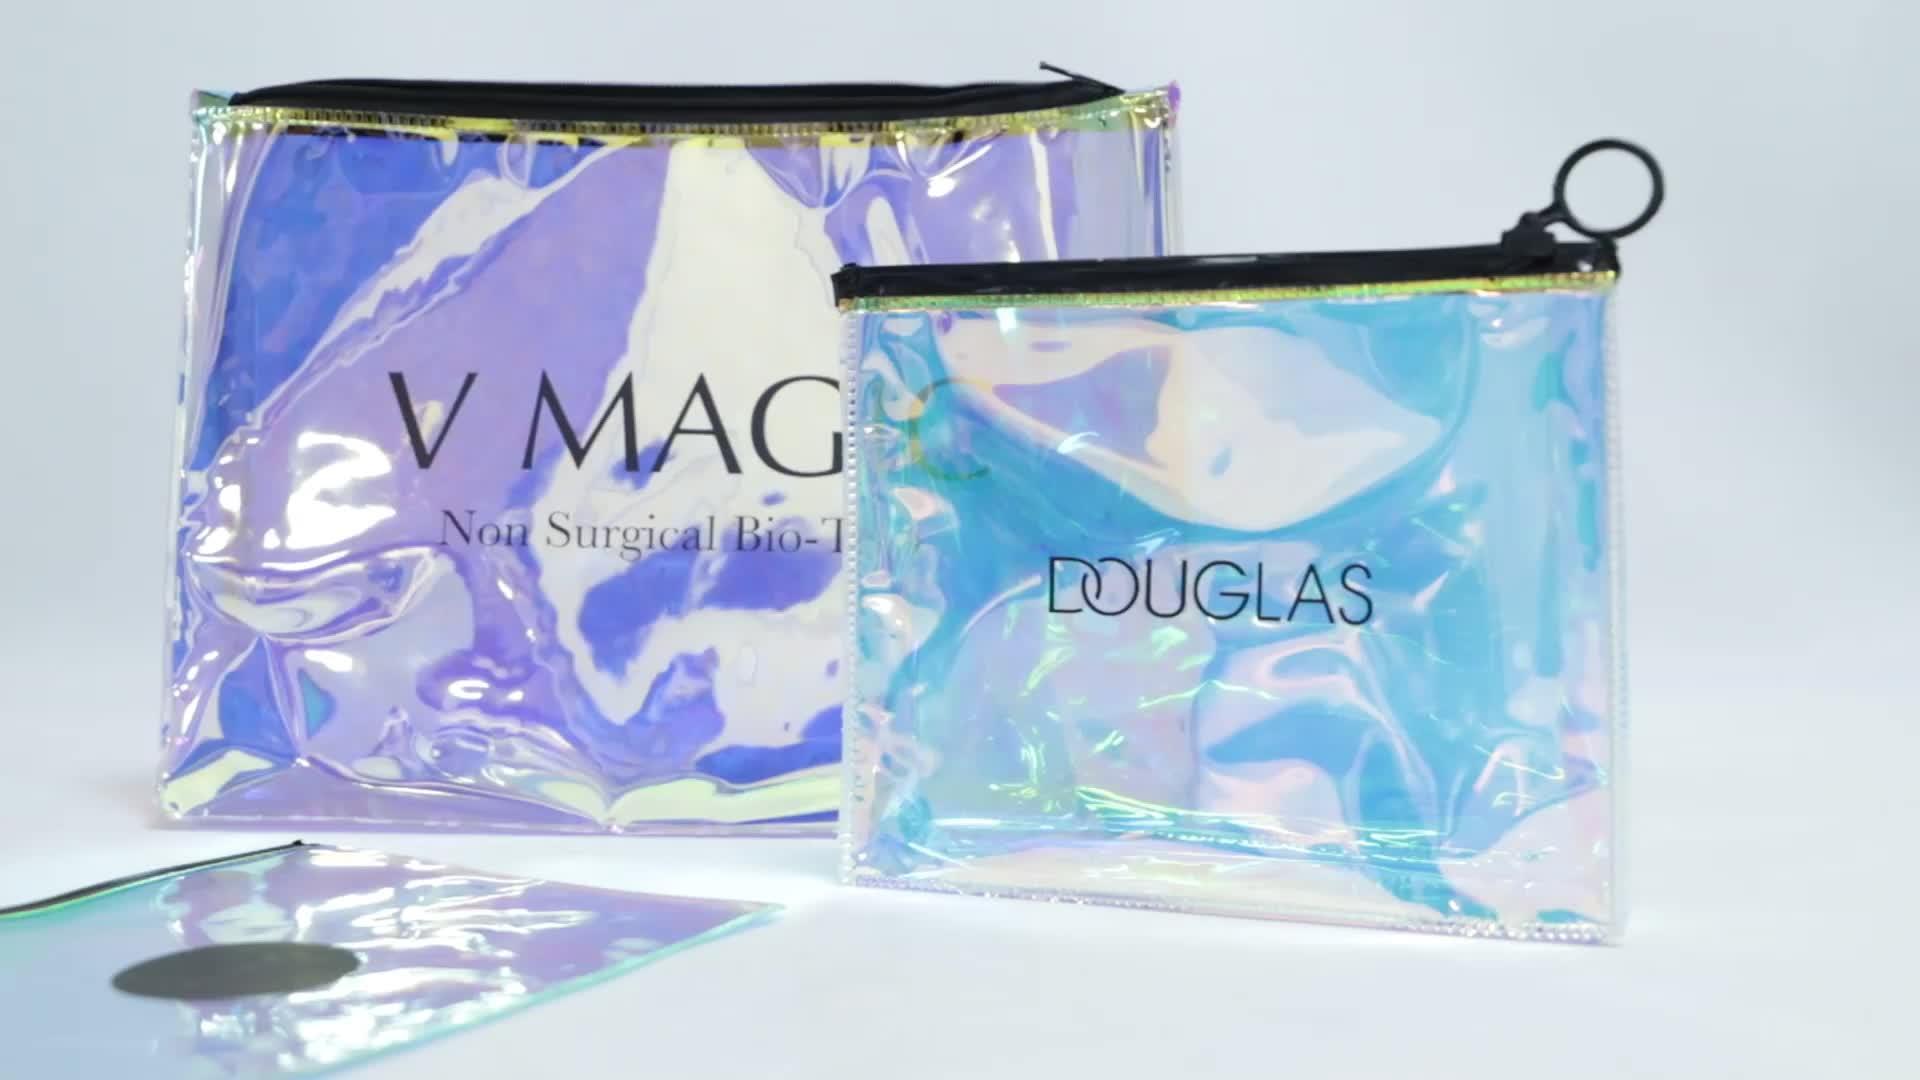 カスタム女性のレーザーホログラム Pvc プラスチック化粧品ジッパー袋透明ホログラフィックメイクジップロックバッグトイレタリーバッグ